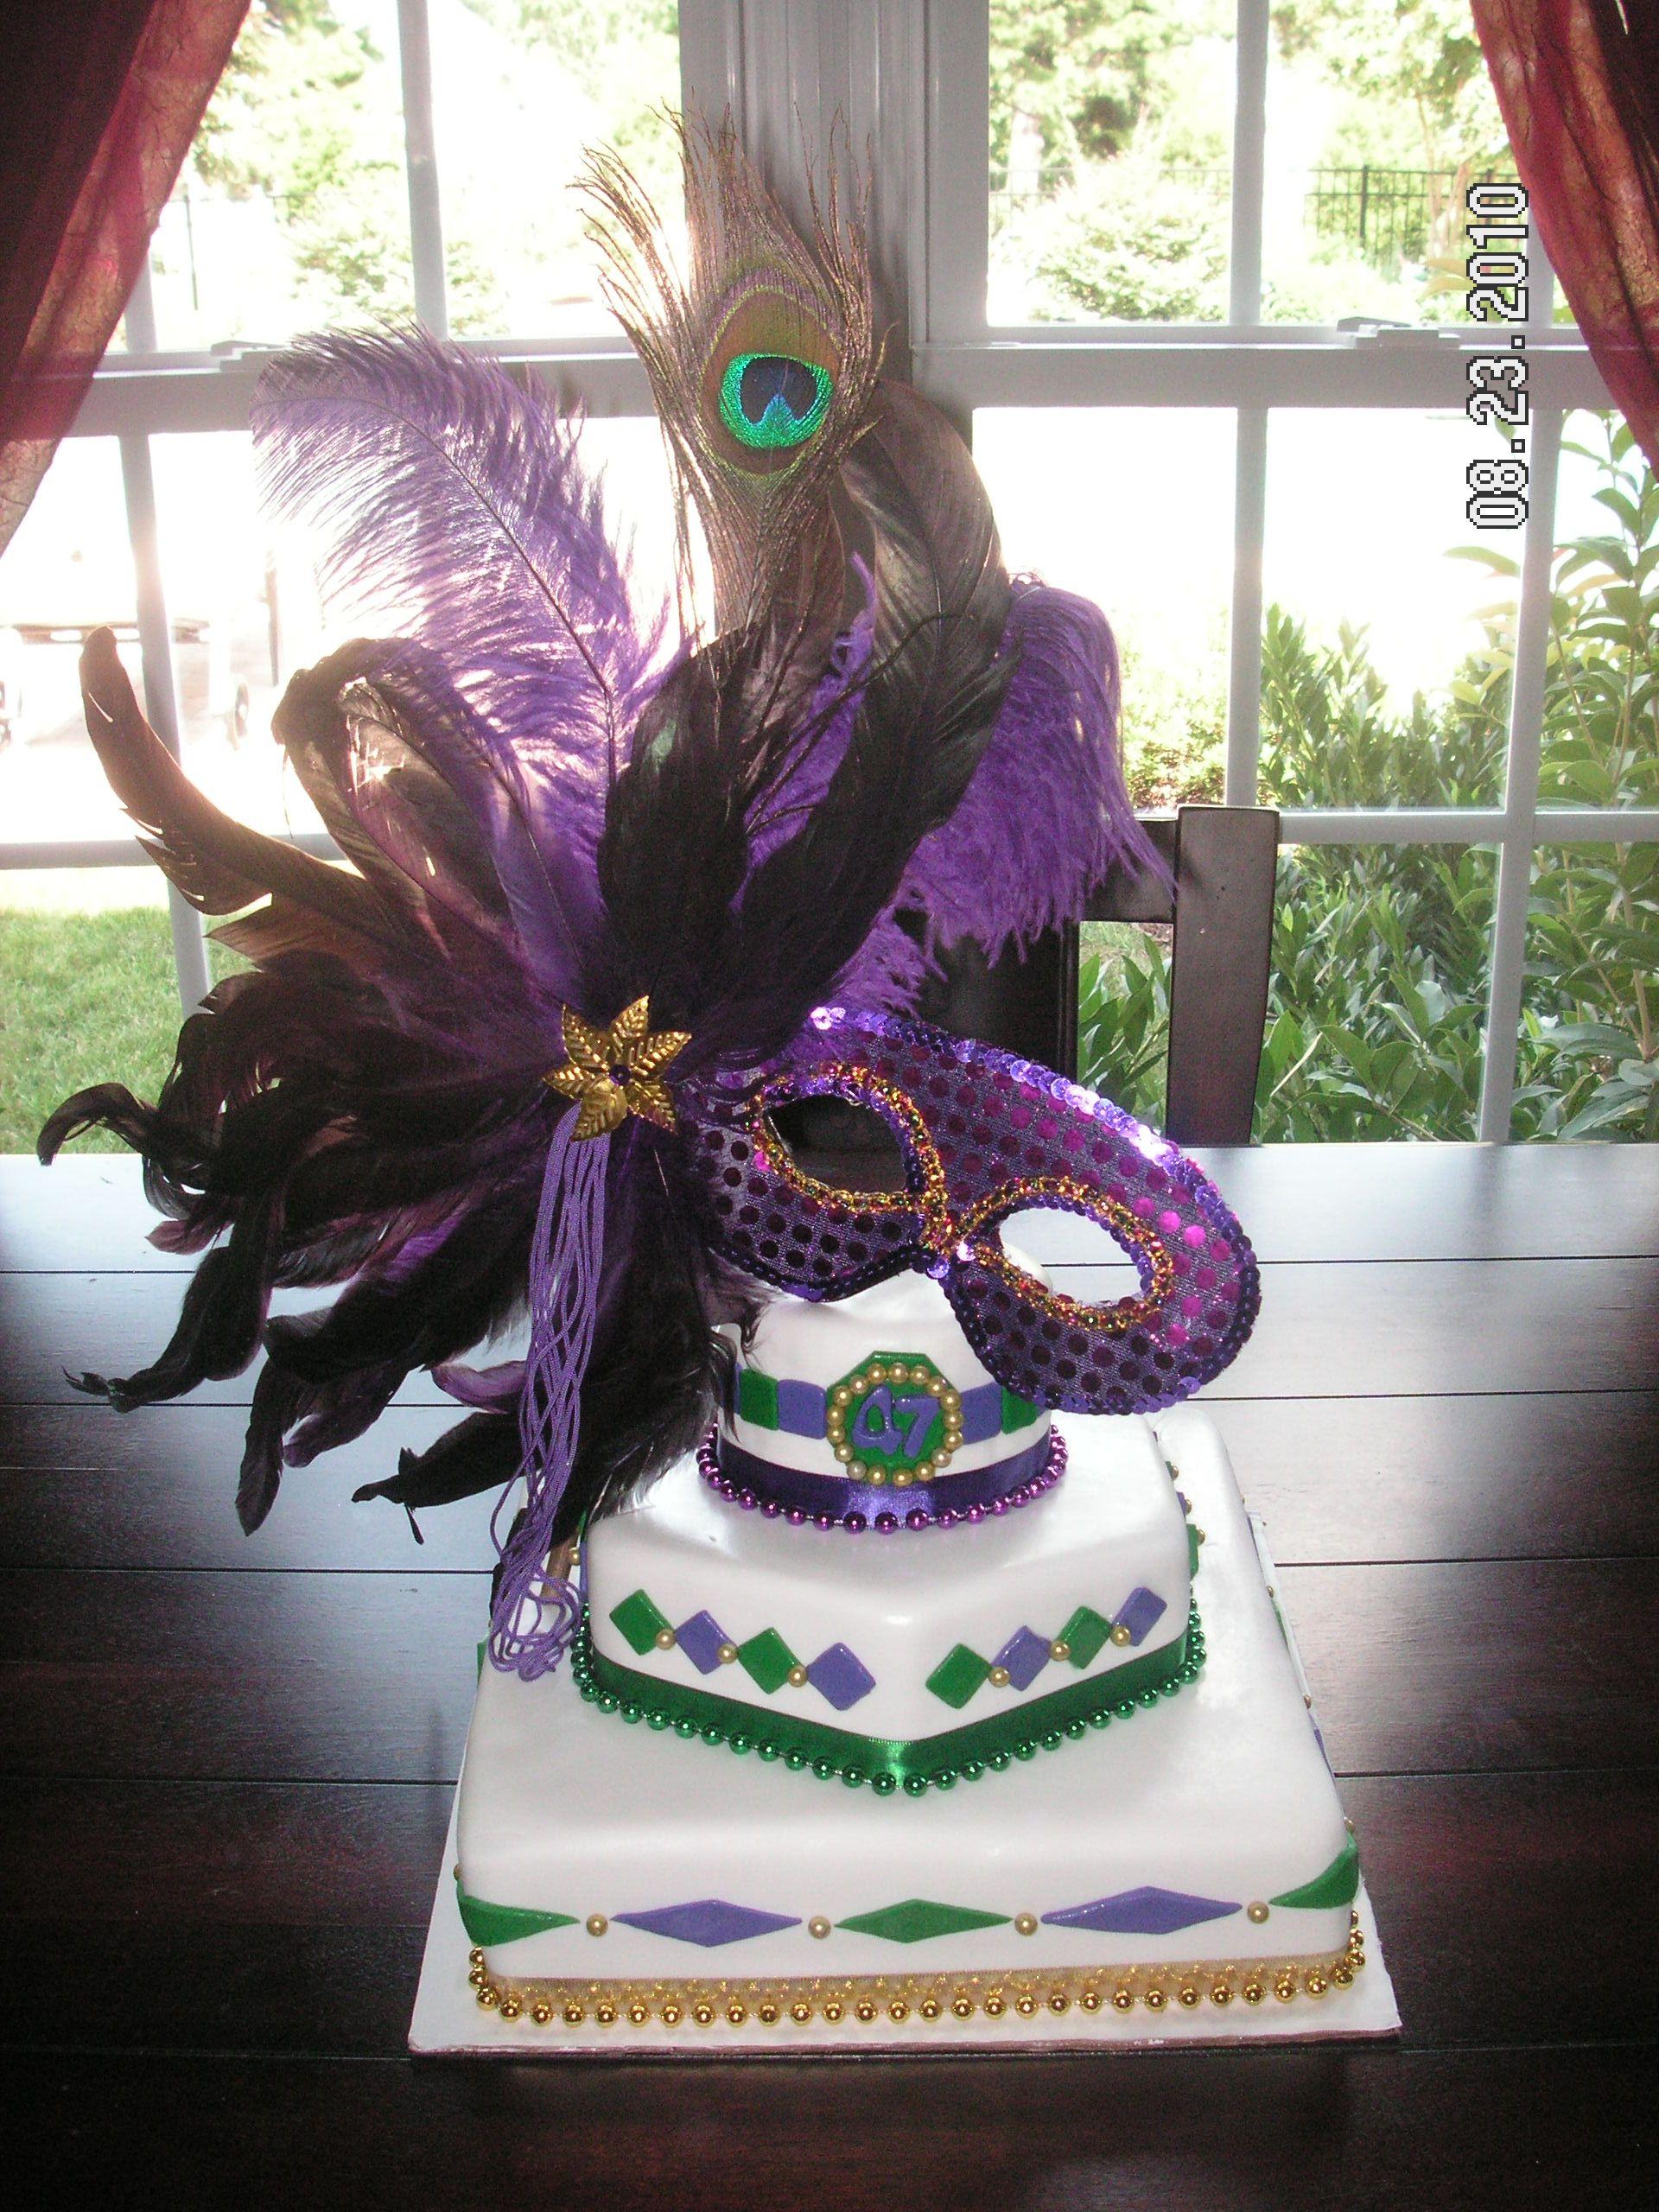 Mardi Gras Cake My Cakes Masquerade Cakes Mardi Gras